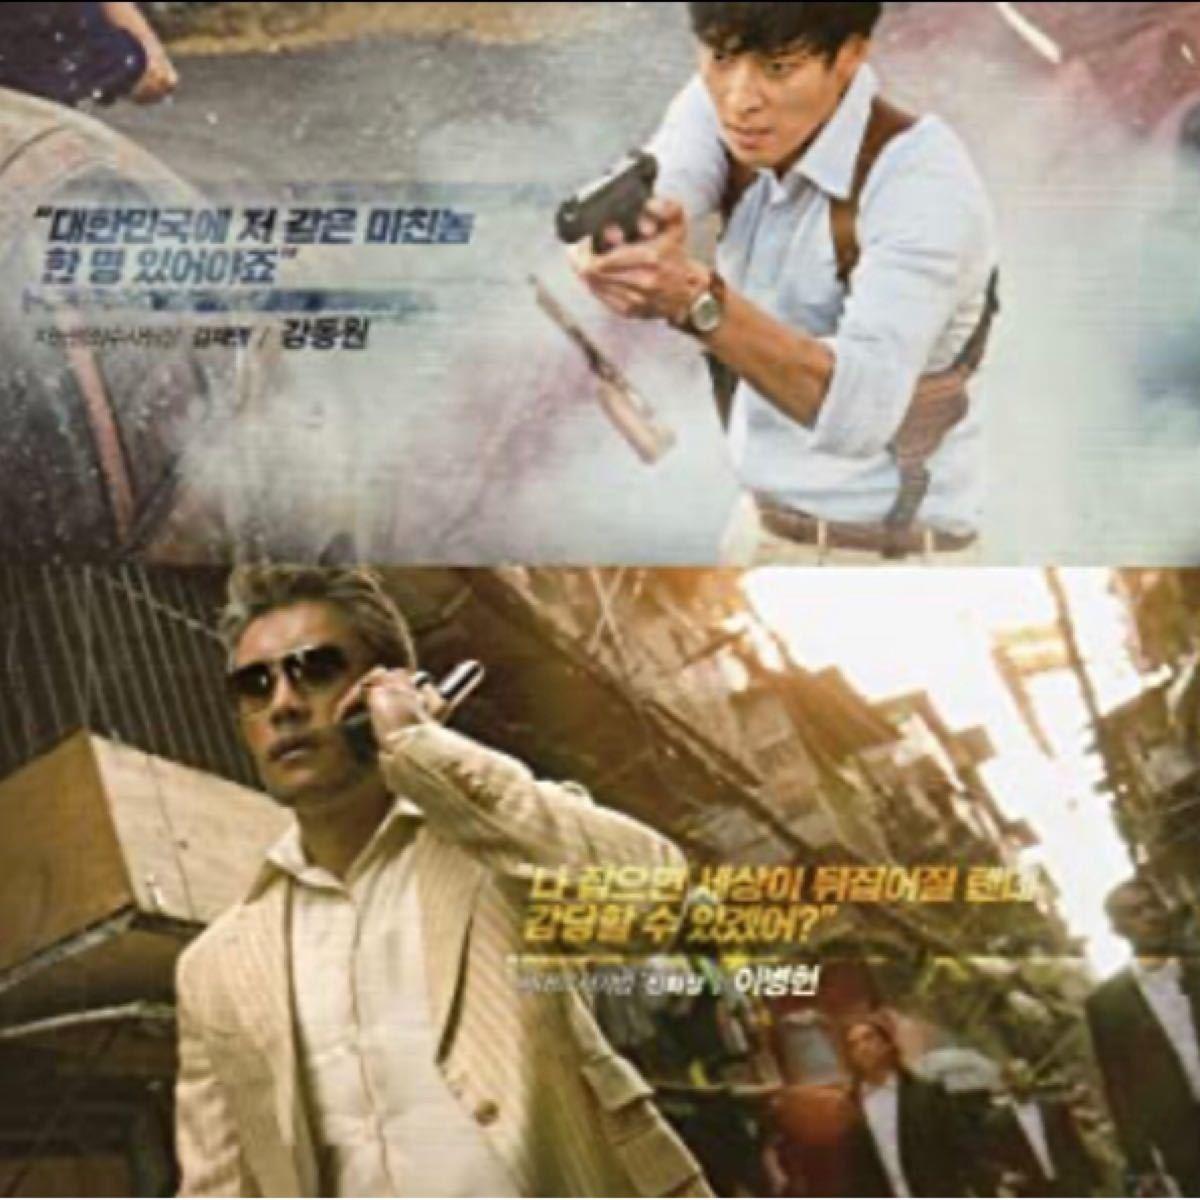 韓国映画  マスター  カン・ドンウォン  イ・ビョンホン  キム・ウビン  DVD  日本語吹替有り  レーベル有り